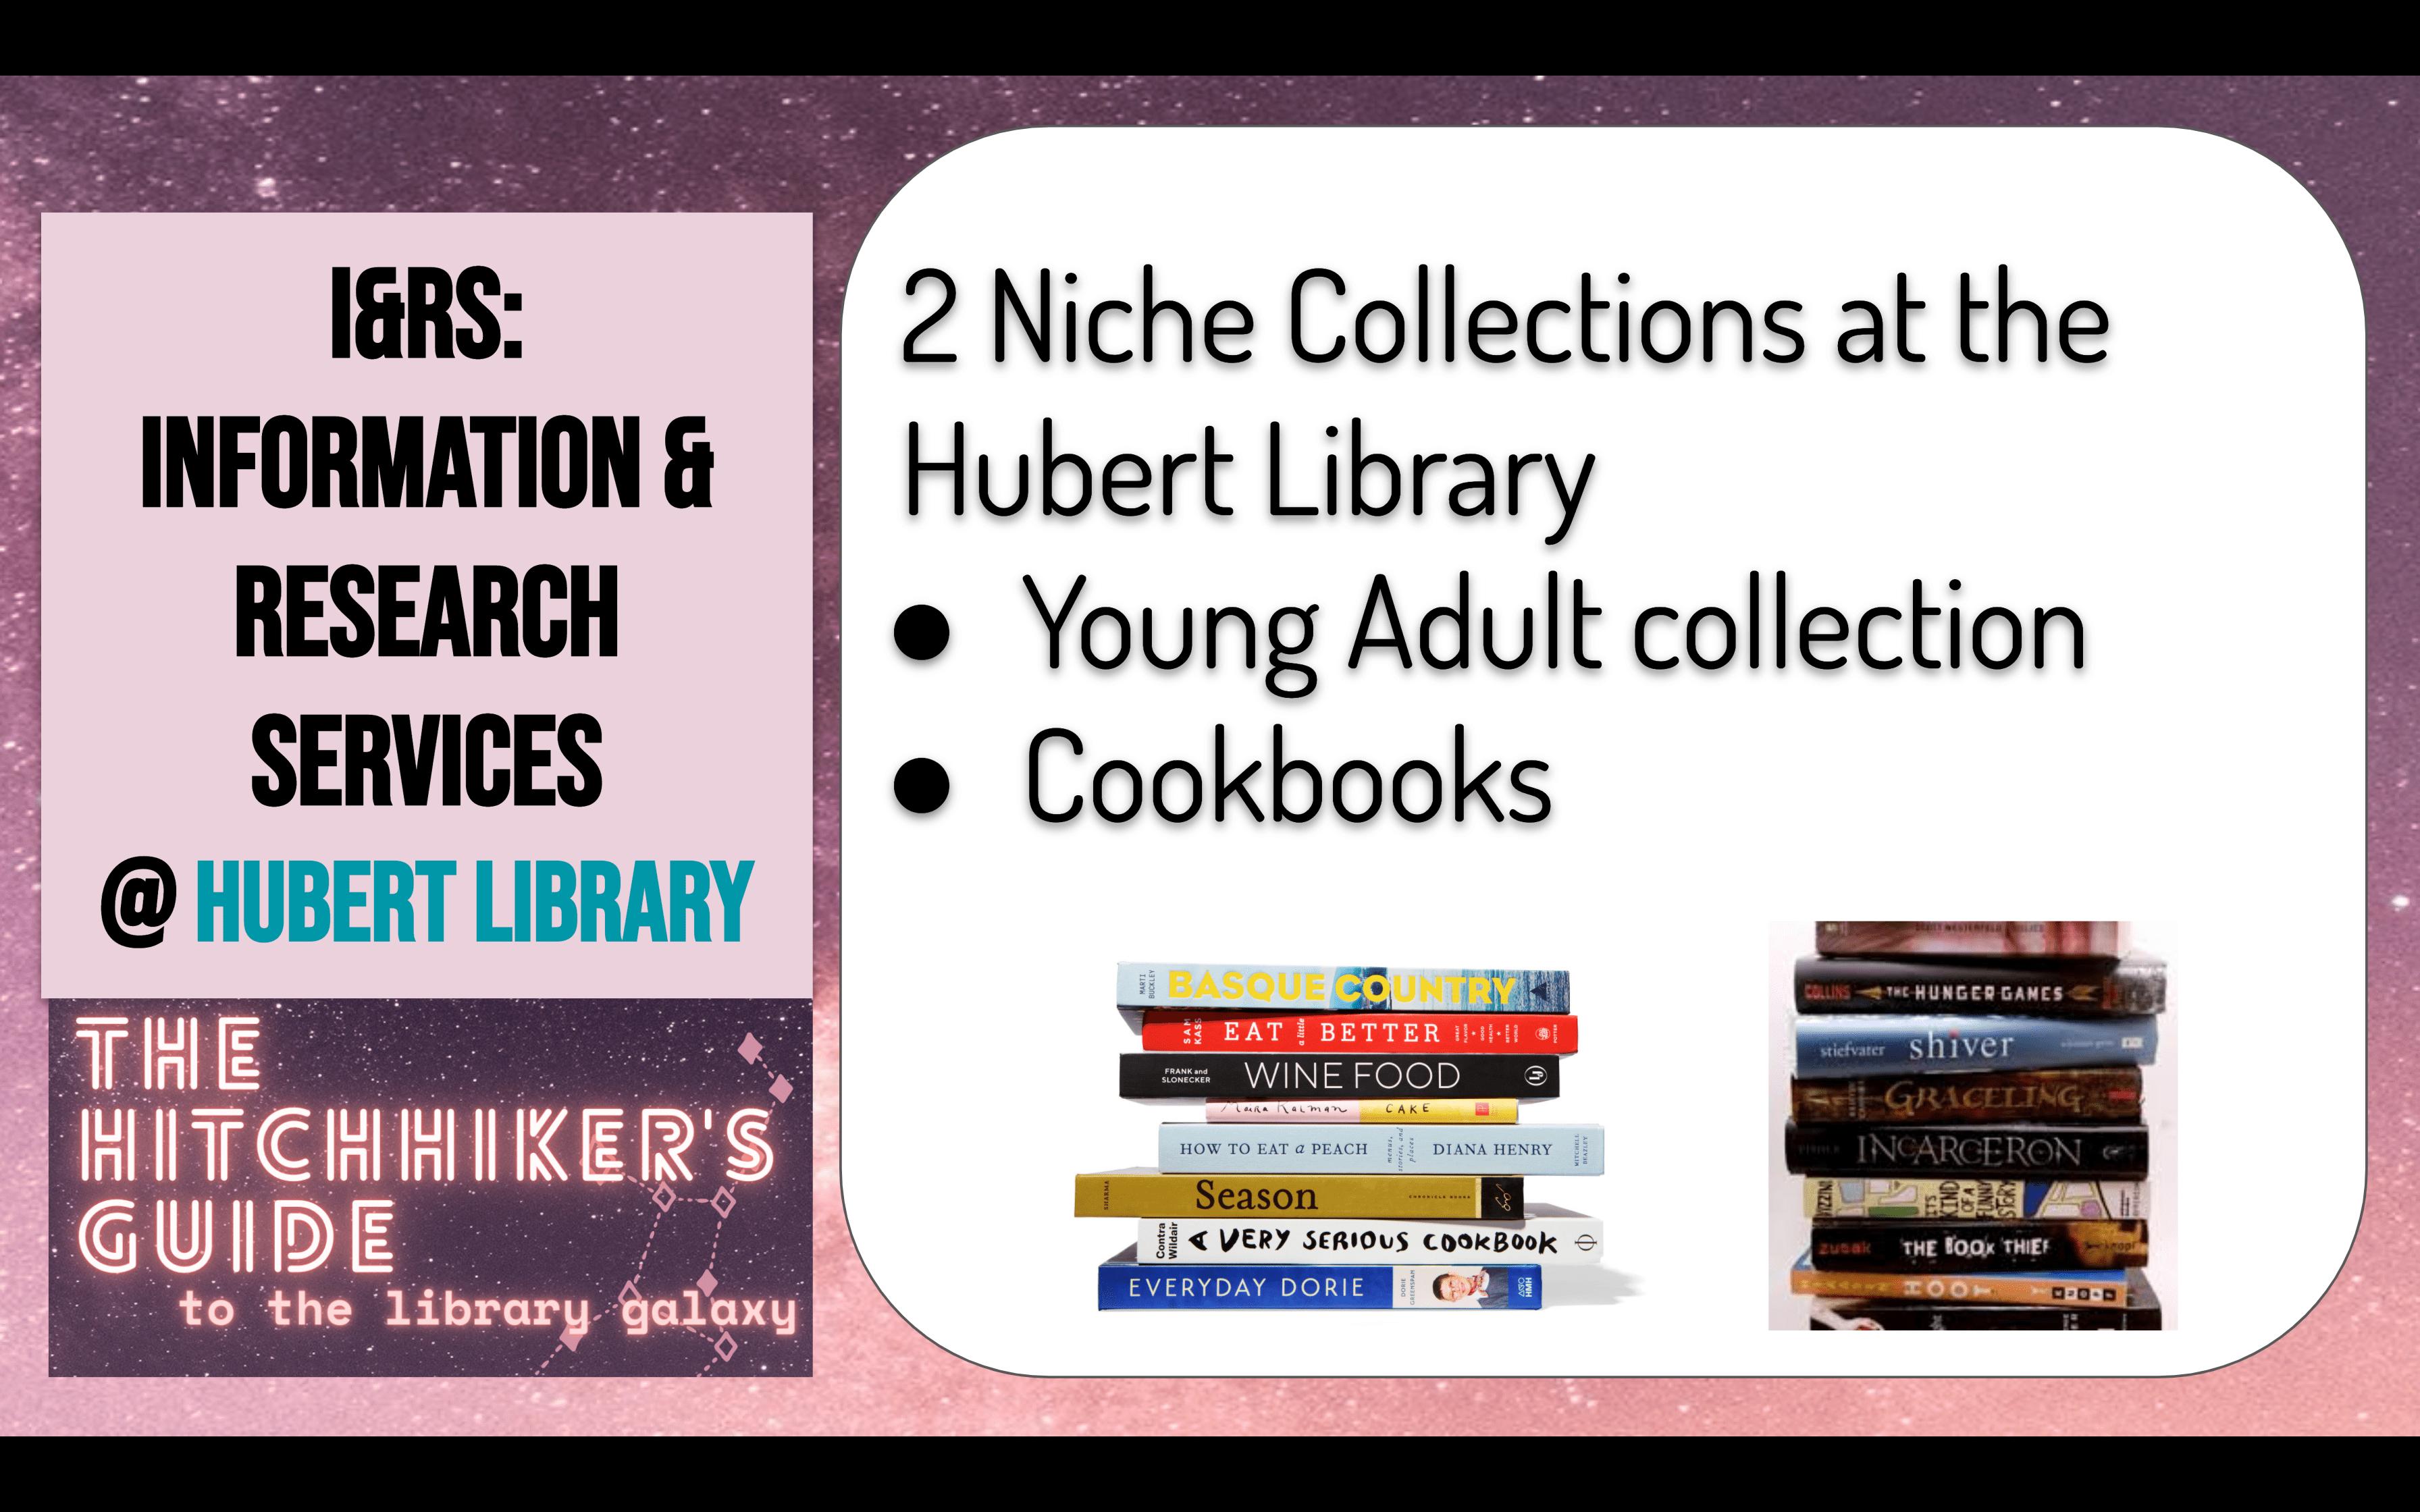 Hubert Library